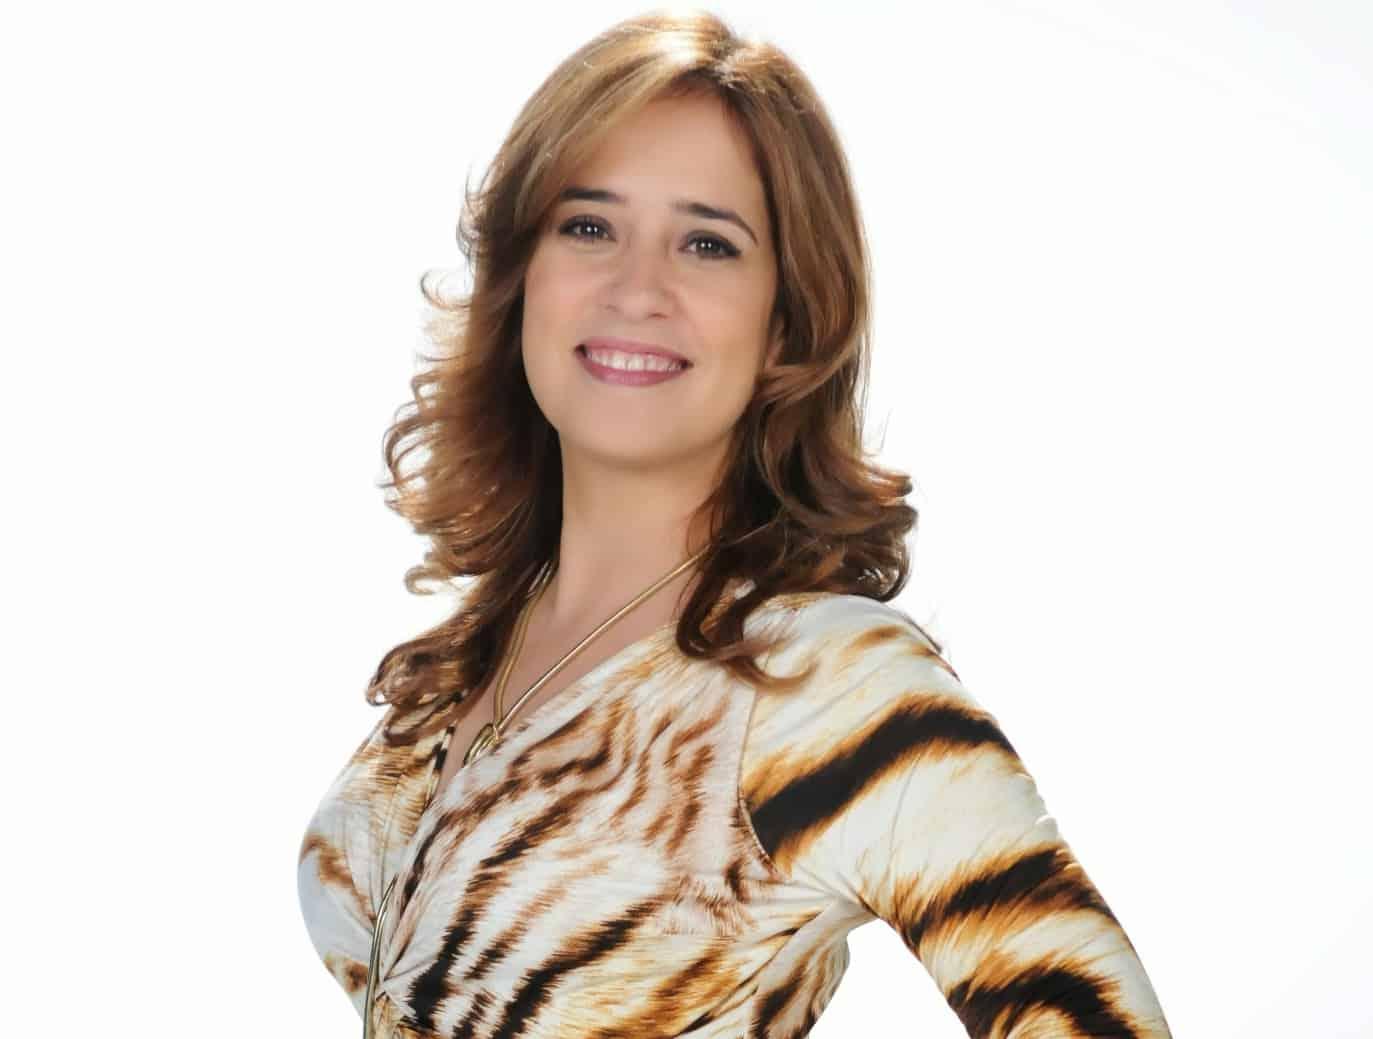 Paloma Duarte nude 79